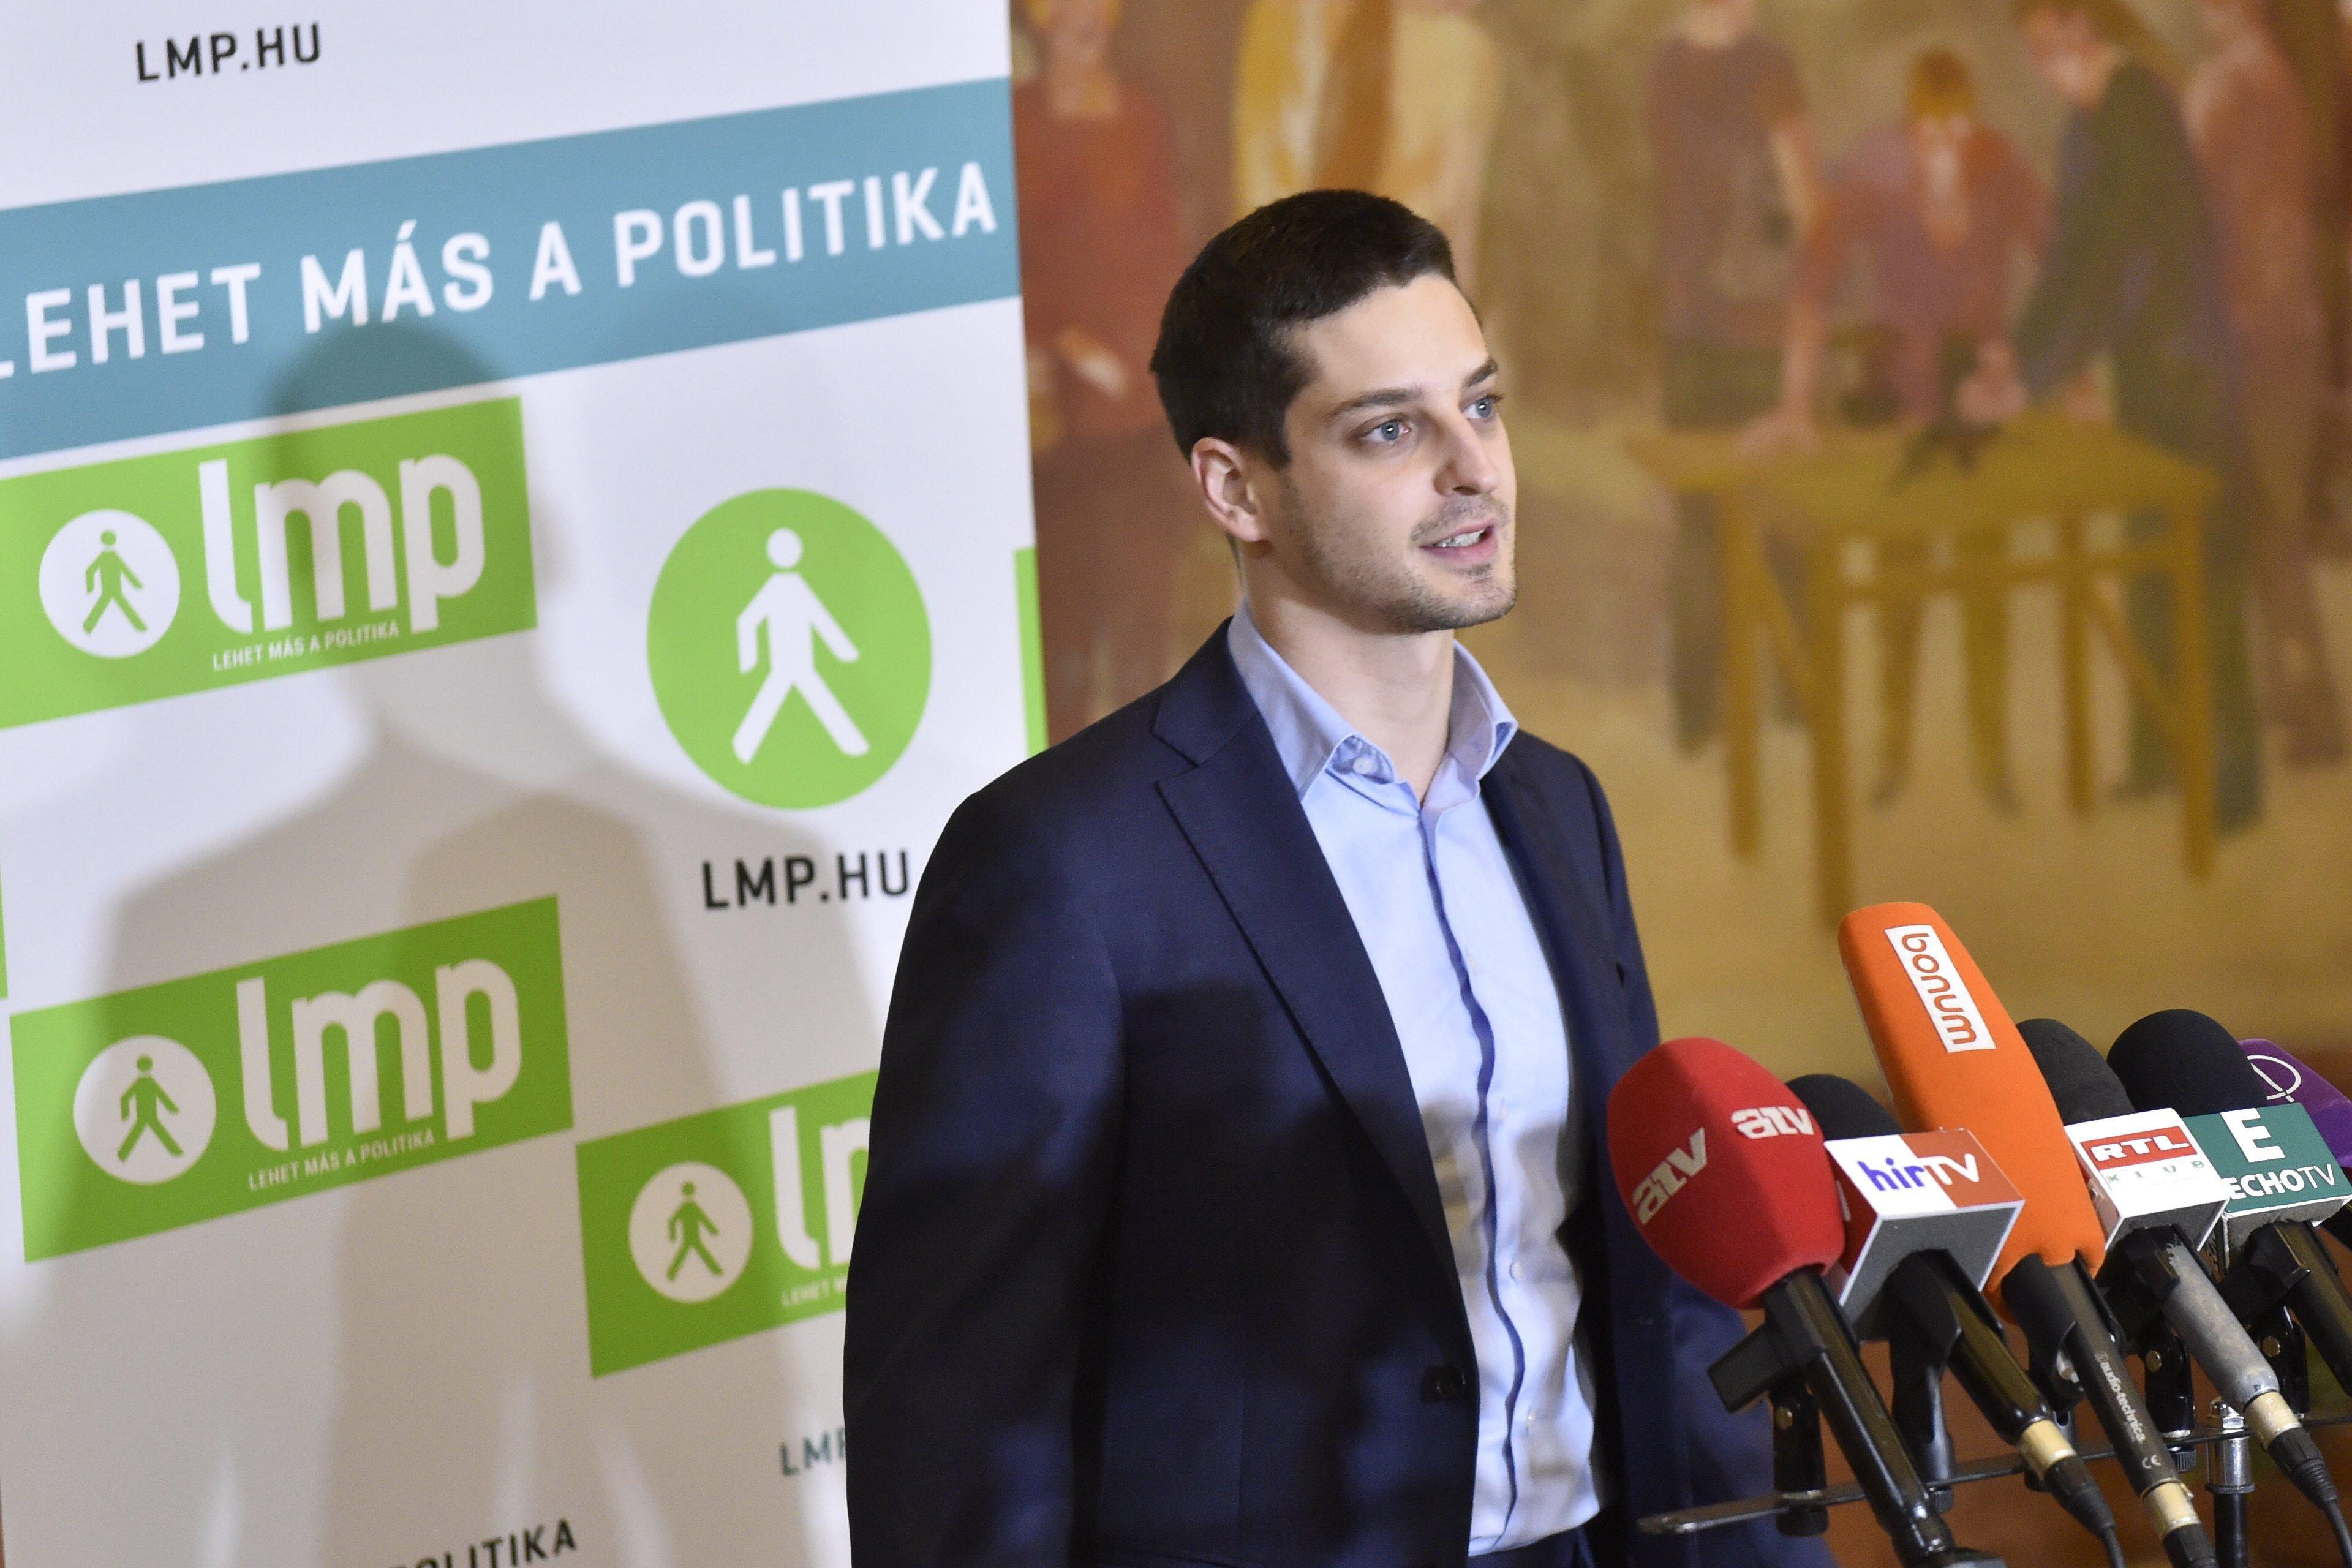 Az egyik fesztiválozó háromszor zavarta ki a sátrából Ungár Pétert, mielőtt kirakták a Momentum fesztiváljáról